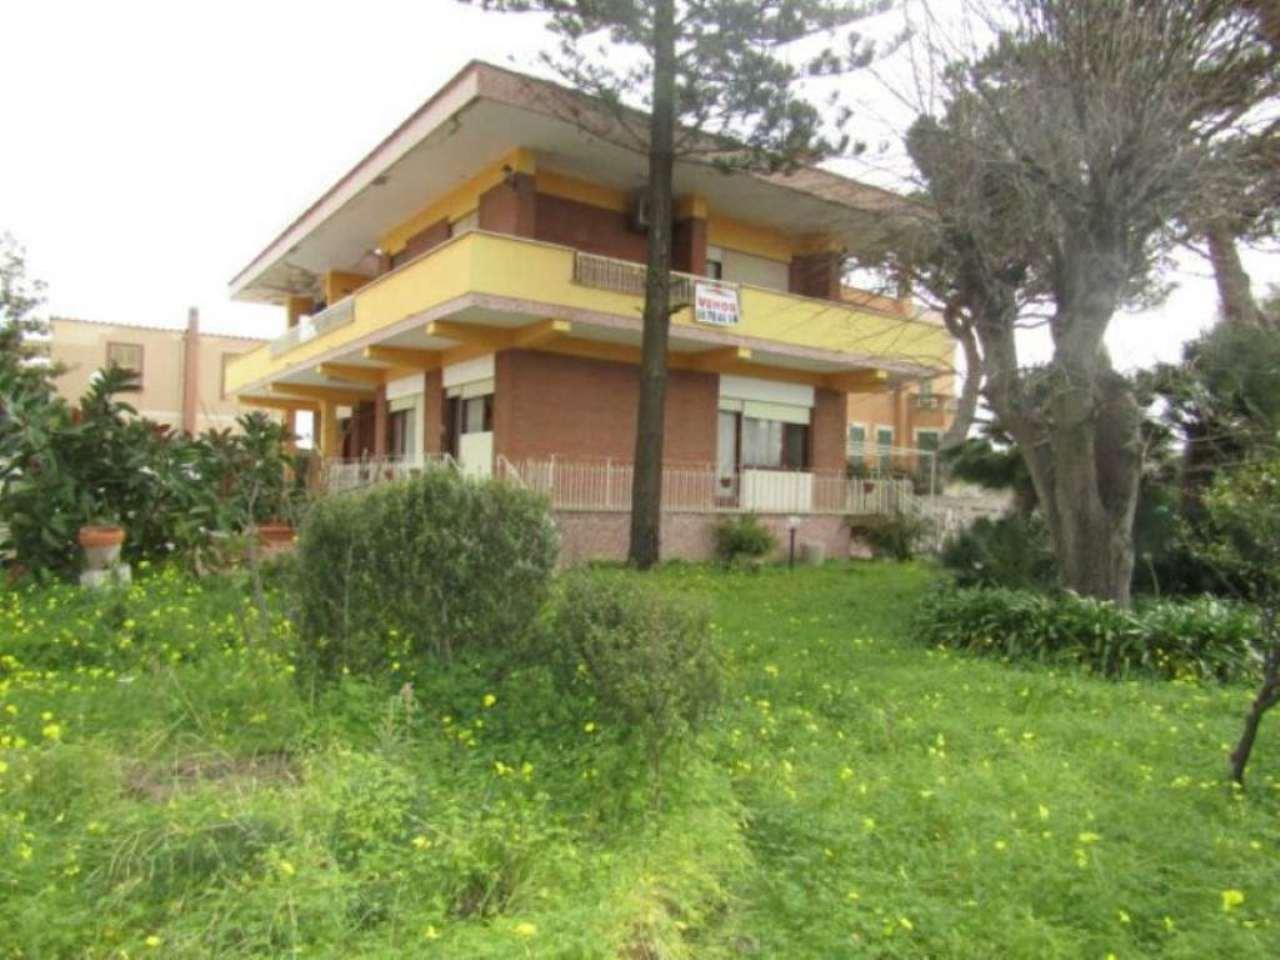 Villa in vendita a Santa Marinella, 15 locali, prezzo € 625.000 | CambioCasa.it